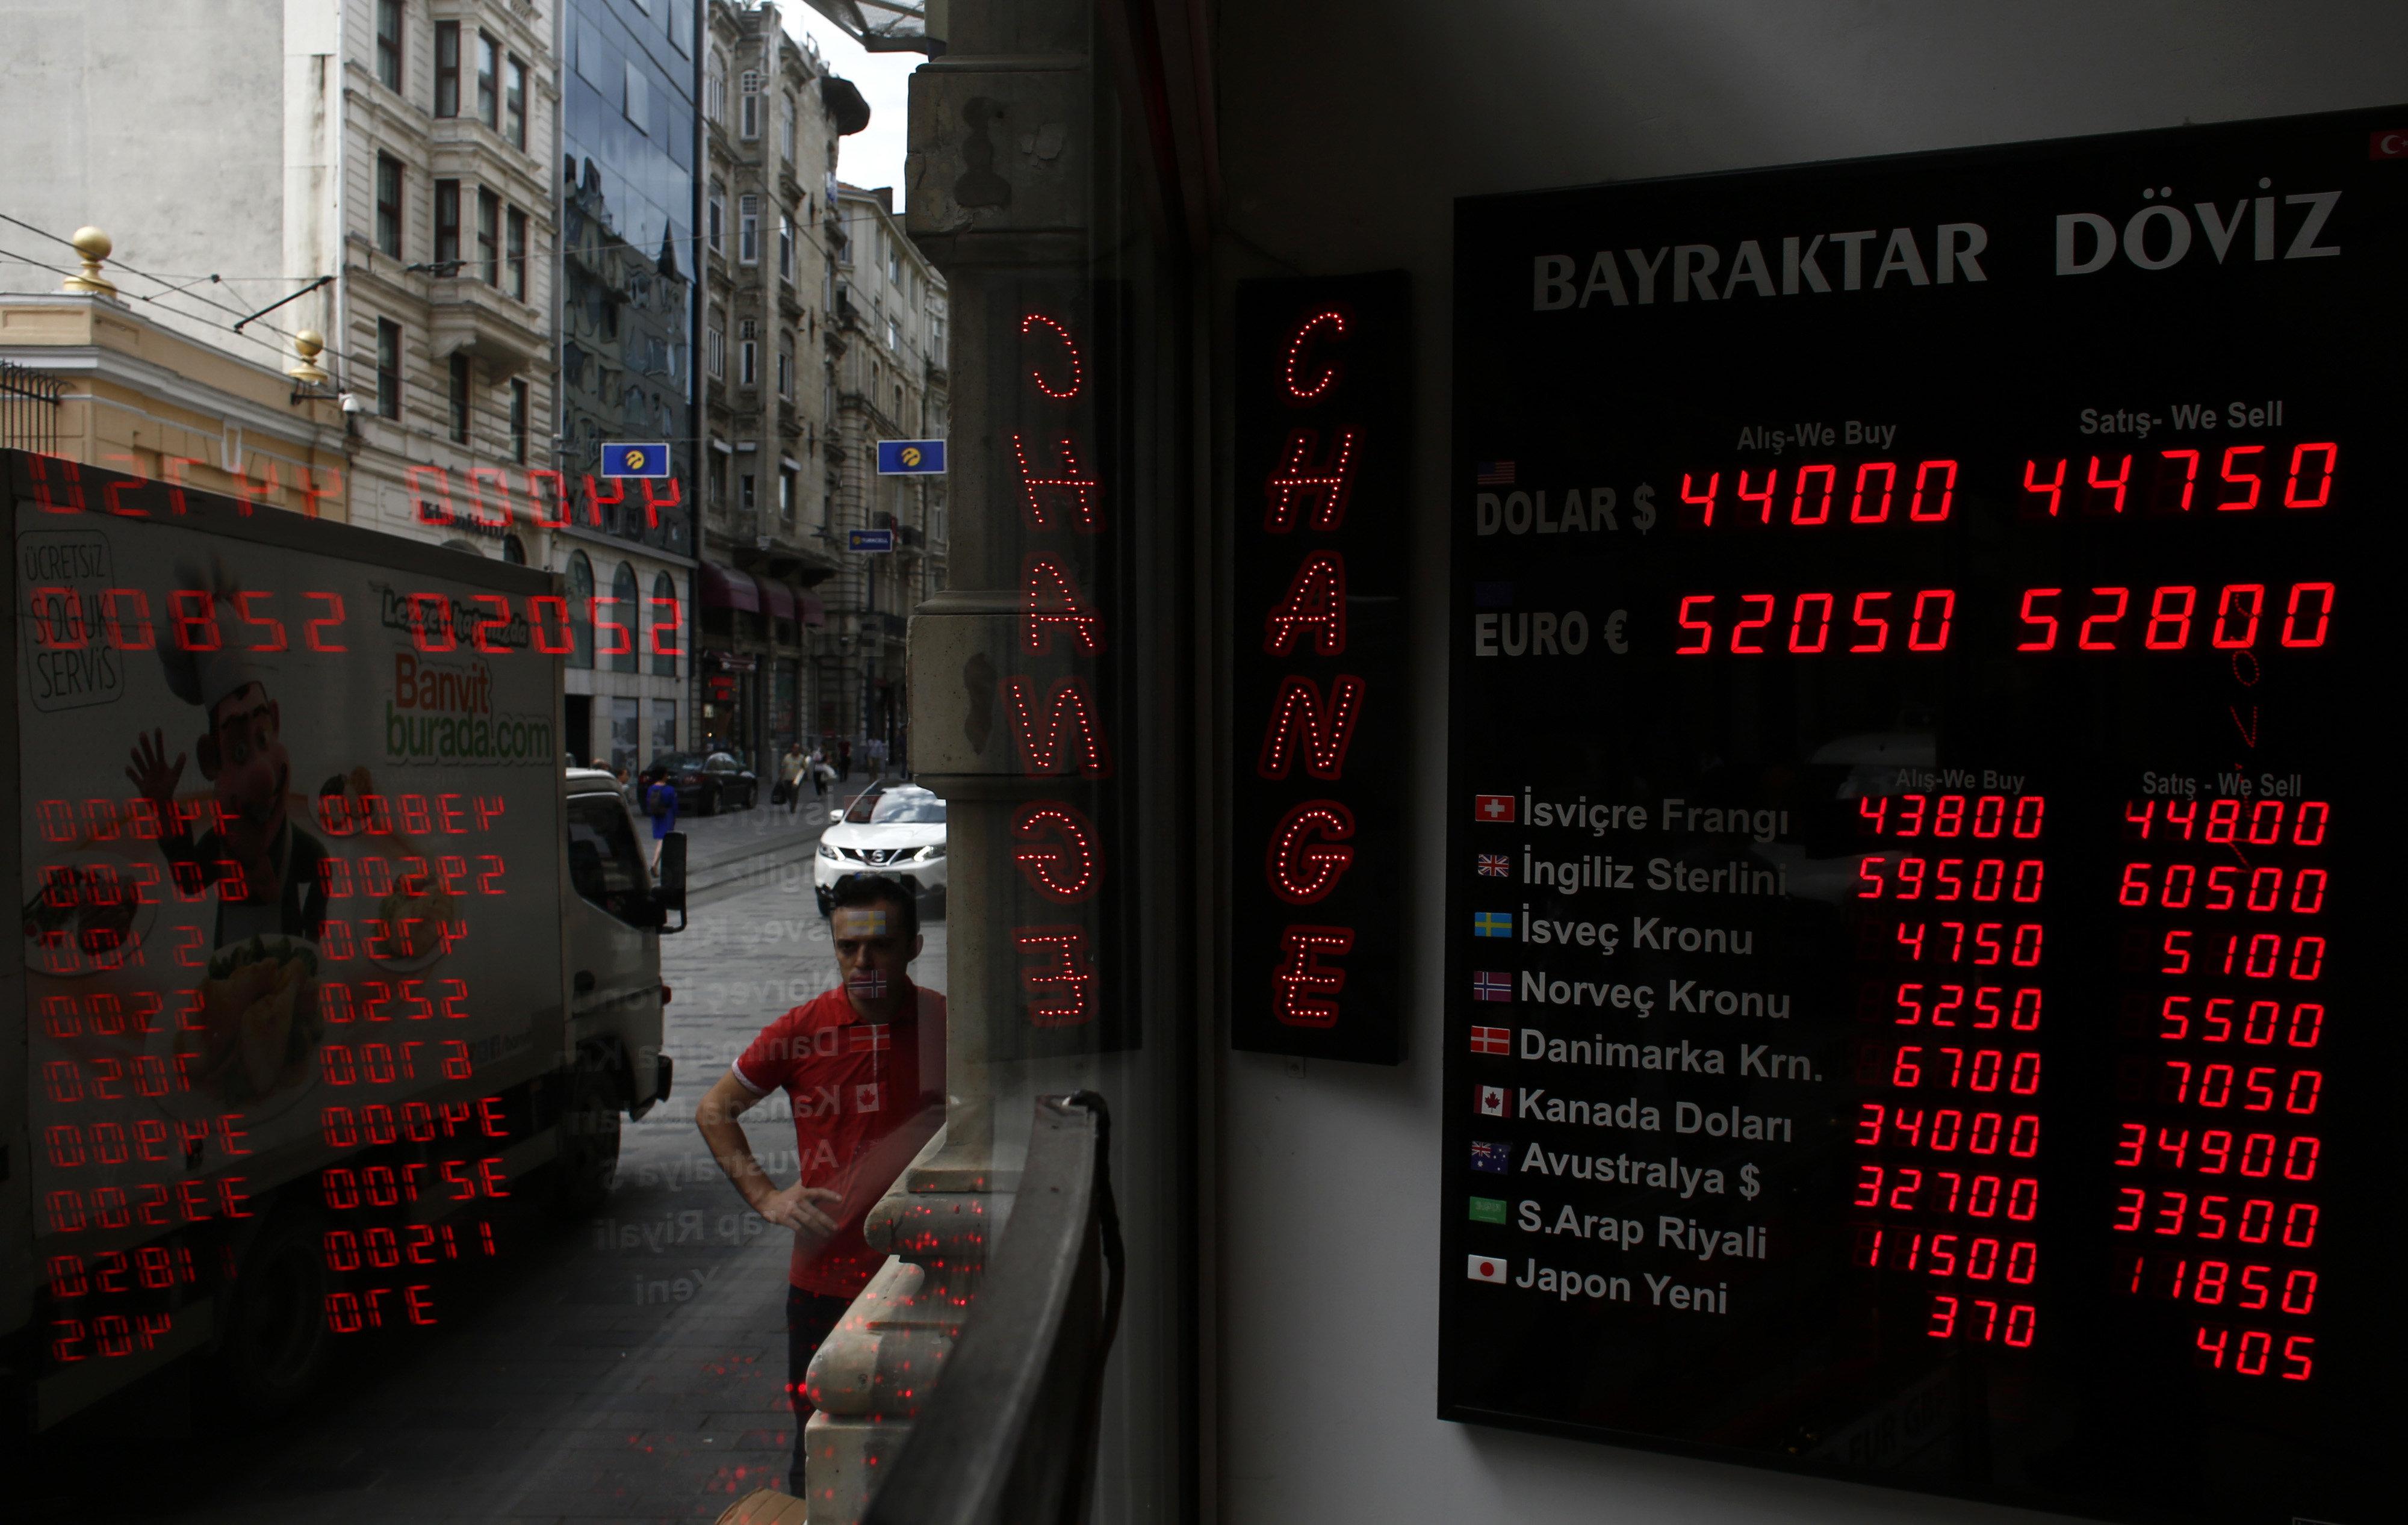 Οι κινήσεις της κεντρικής τράπεζας της Τουρκίας για να ανακόψει τη μεγάλη πτώση της λίρας και οι ψίθυροι για capital